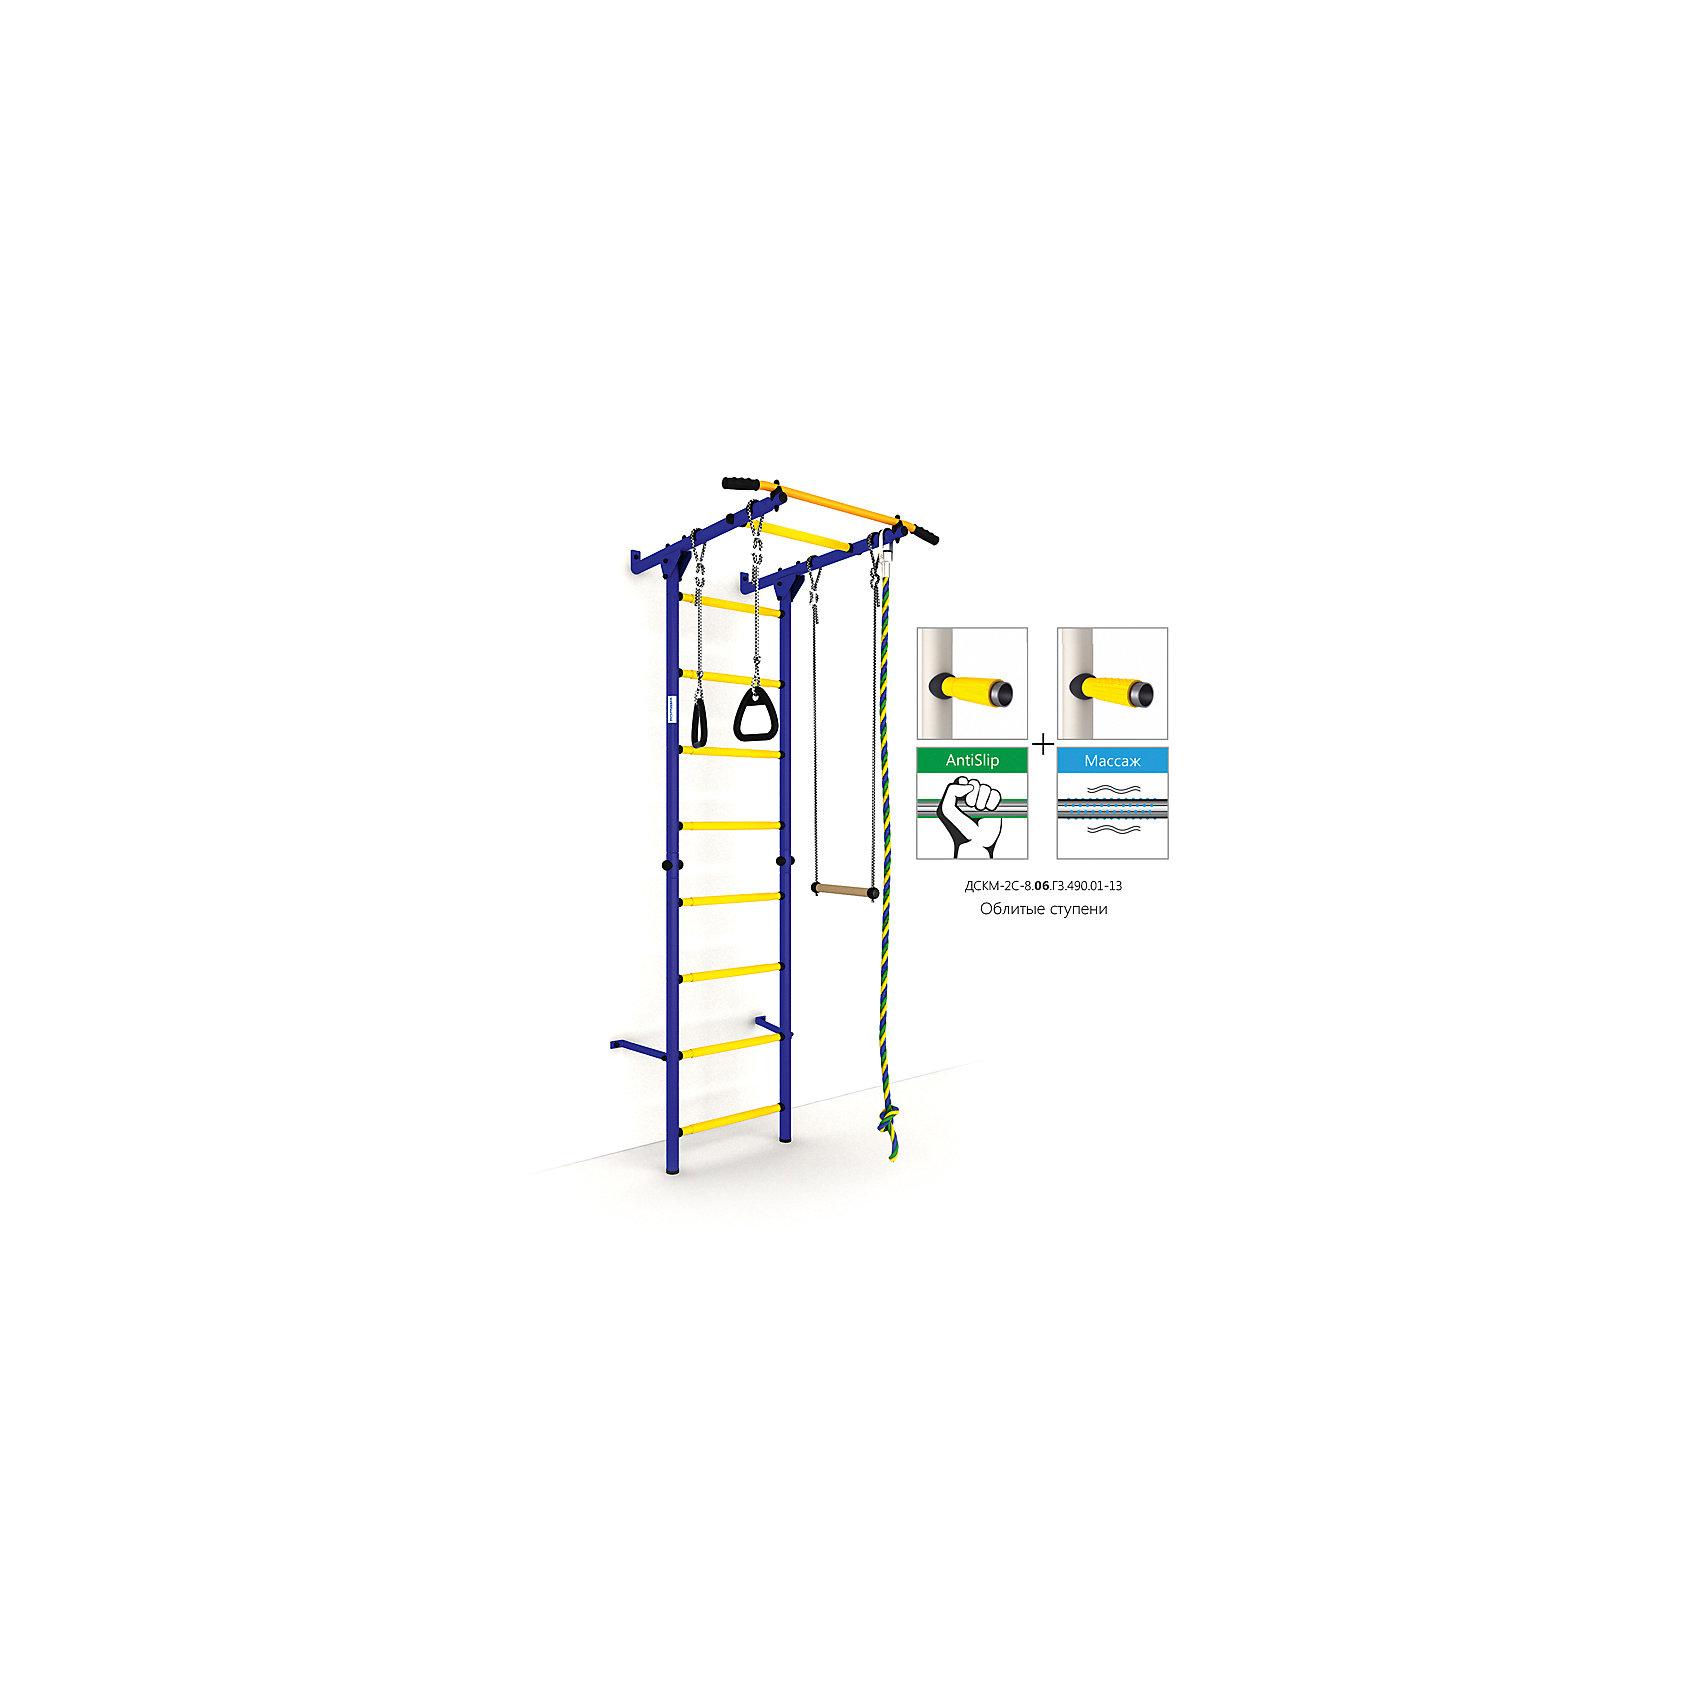 Шведская лестница Карусель S1, синий-желтыйШведские стенки<br>Карусель S1 использует внедренную ступень antislip (антискользящая), обеспечивающая более крепкий хват. Микромассажный эффект остальных ступеней помогает развитию общей моторики детей и является профилактикой плоскостопия.<br><br>Ширина мм: 1160<br>Глубина мм: 610<br>Высота мм: 140<br>Вес г: 23000<br>Возраст от месяцев: 36<br>Возраст до месяцев: 192<br>Пол: Унисекс<br>Возраст: Детский<br>SKU: 5251545